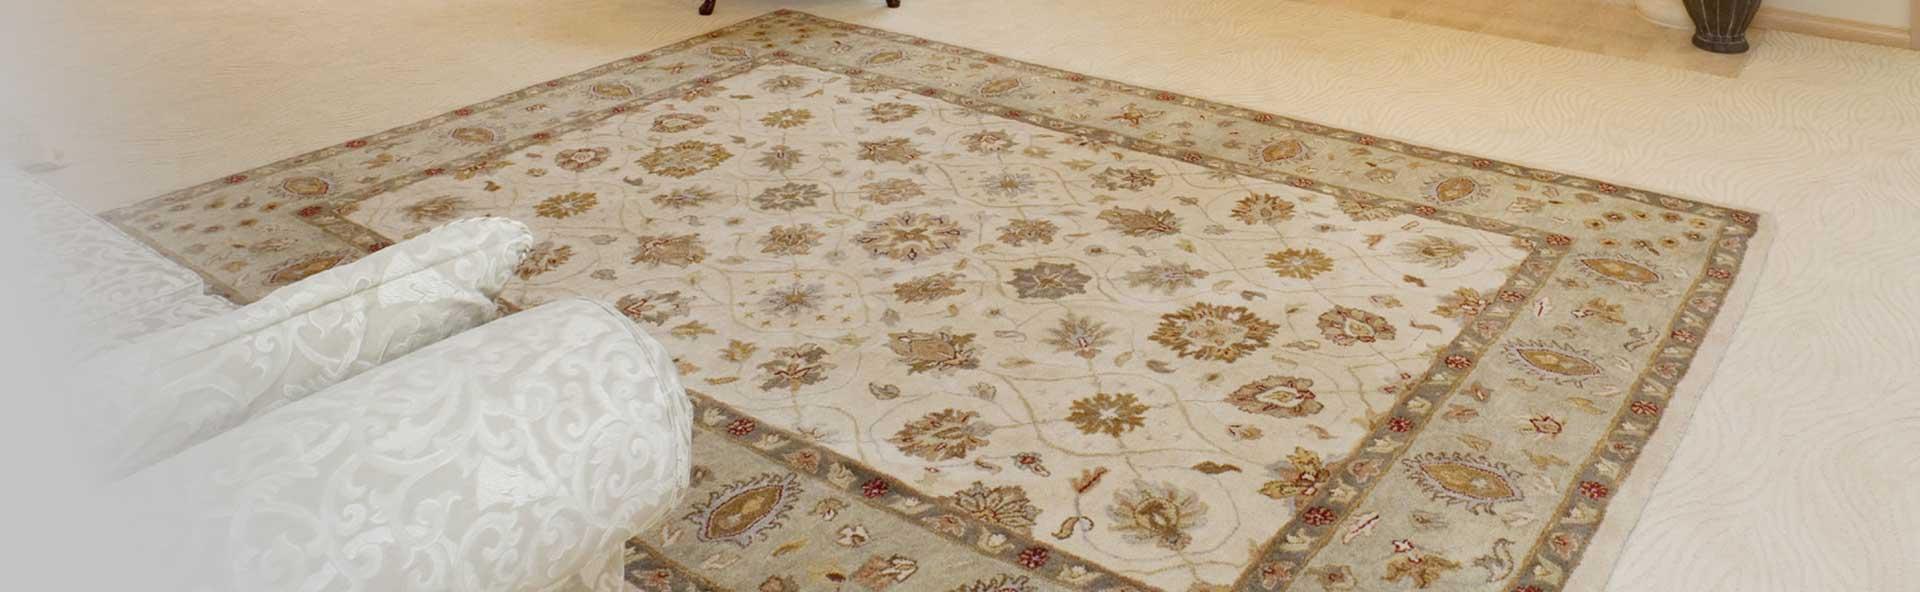 tapijtreiniging tapijt reinigen tapijt dieptereinigen. Black Bedroom Furniture Sets. Home Design Ideas